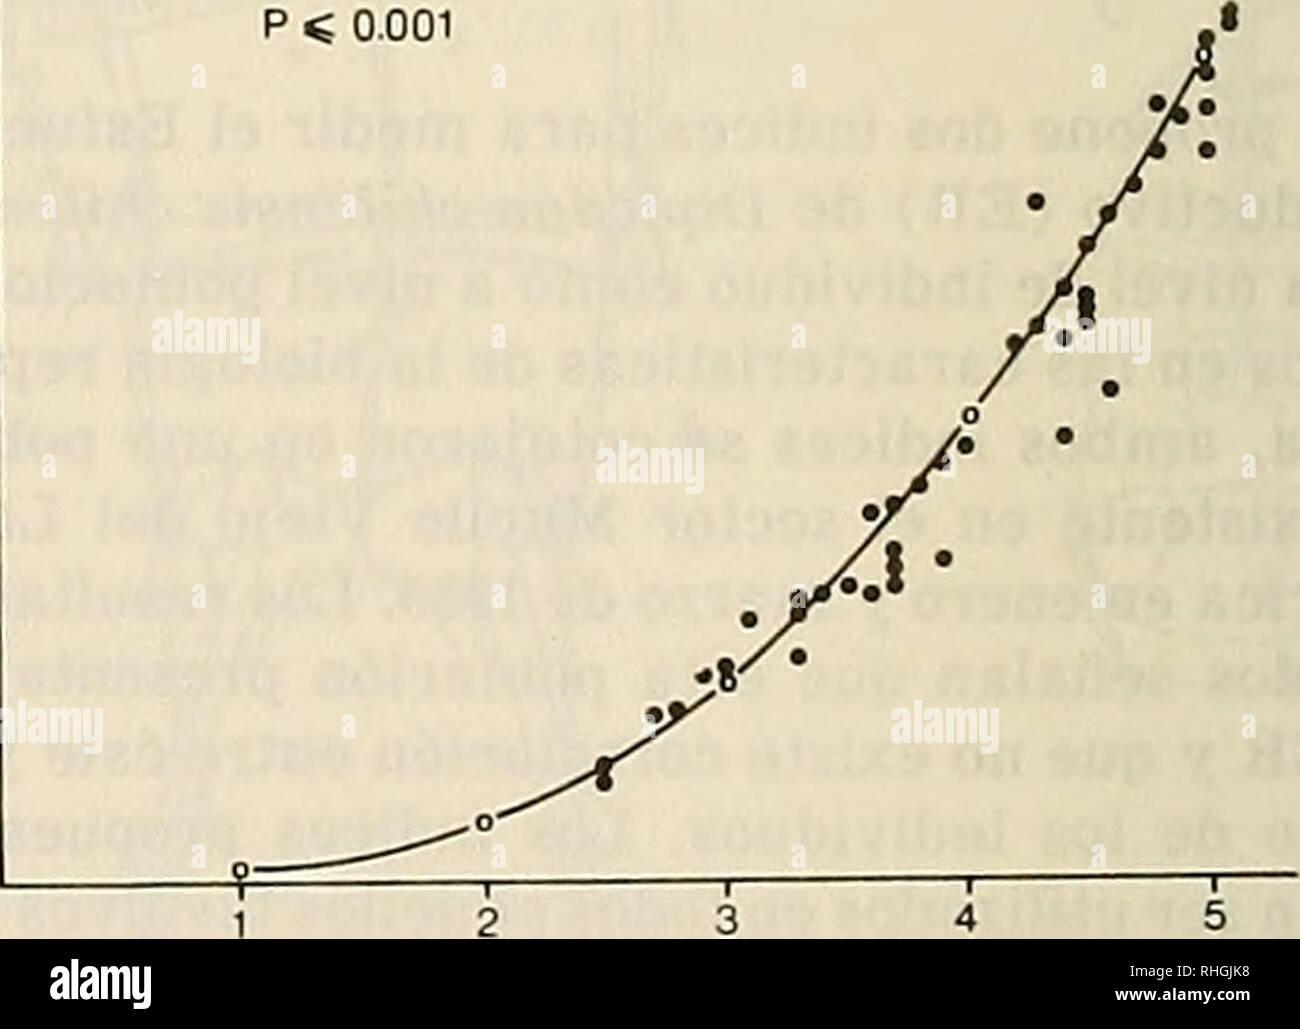 . Boletin de la Sociedad de Biología de Concepción. Sociedad de Biología de Concepción; Biology; Biology. Bol. Soc. Biol. Concepción, Chile. Tomo 58, 1987 lidad y sobrevivencia, duración del ciclo de vida, entre otros. Uno de los parámetros del ciclo vital difícil de cuantificar es el esfuerzo repro- ductivo (ER). Este parámetro represen- ta la cantidad de energía que un individuo o población destina al proceso reproducti- vo. Desde que Fisher (1930) propuso el término esfuerzo reproductivo, muchos han sido los intentos por cuantificar este parámetro en las poblaciones. Aún cuan- do no existe  - Stock Image